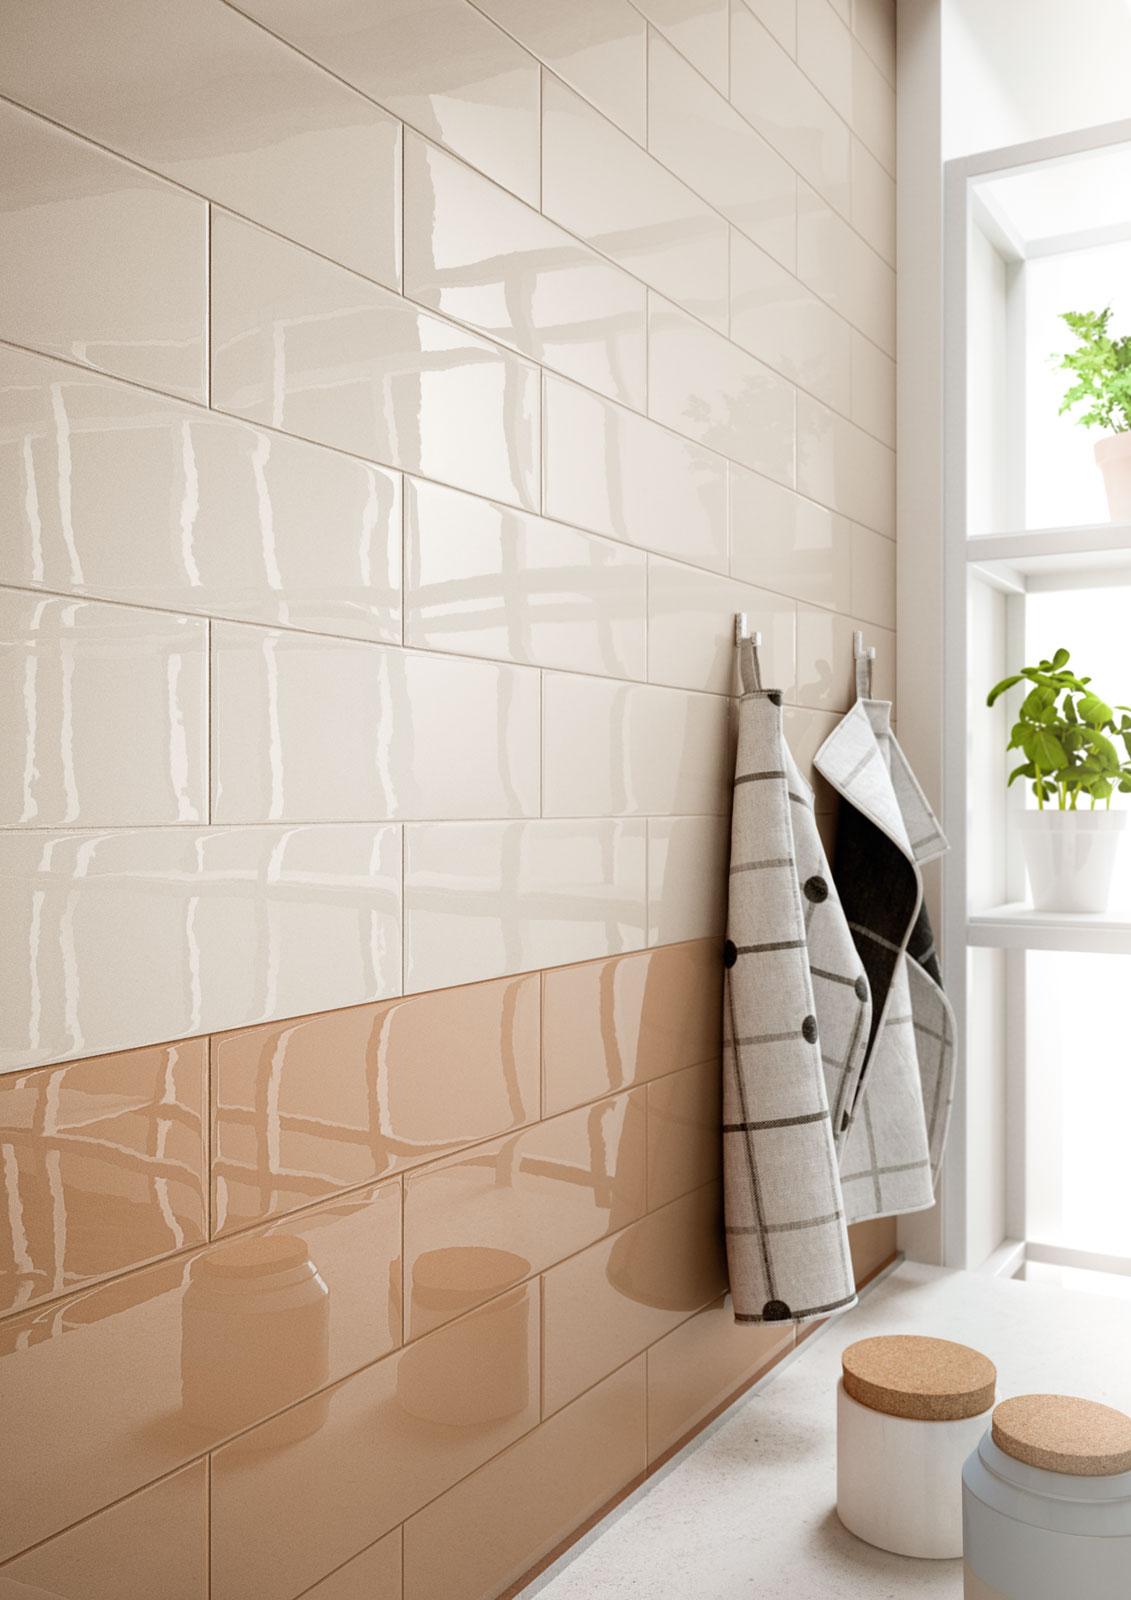 Mellow azulejos cer mica para revestimiento marazzi - Azulejos de ceramica ...